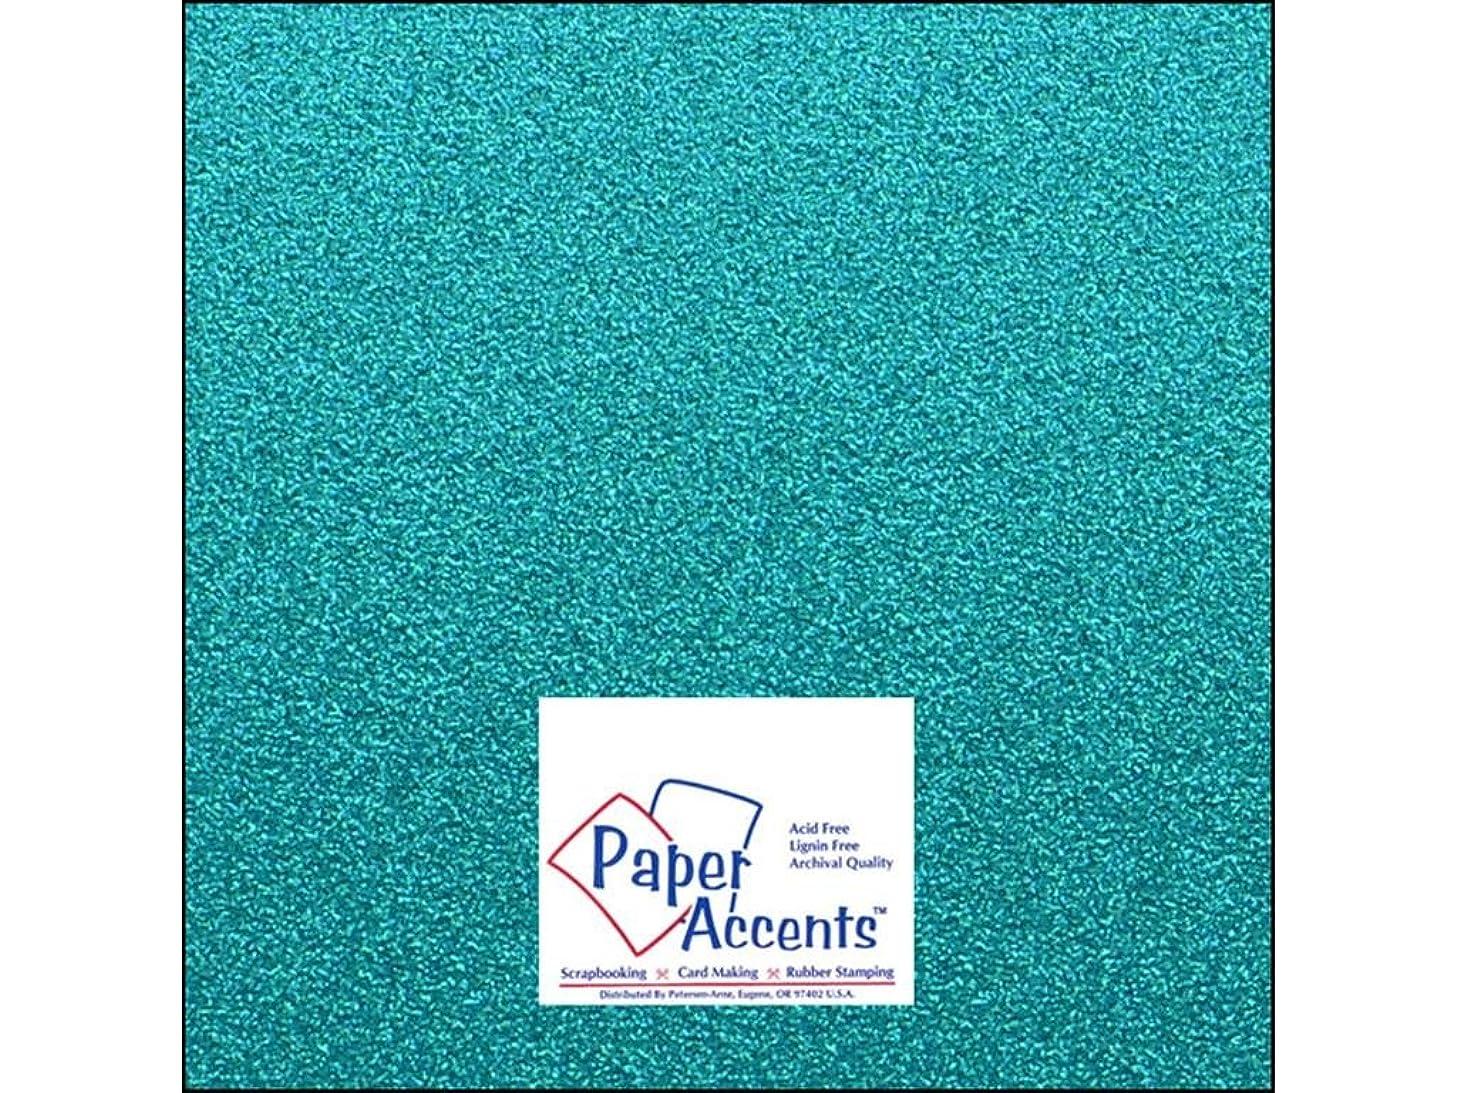 Accent Design Paper Accents PrussanBlu Cdstk Glitter 12x12 85# Prussian Blue